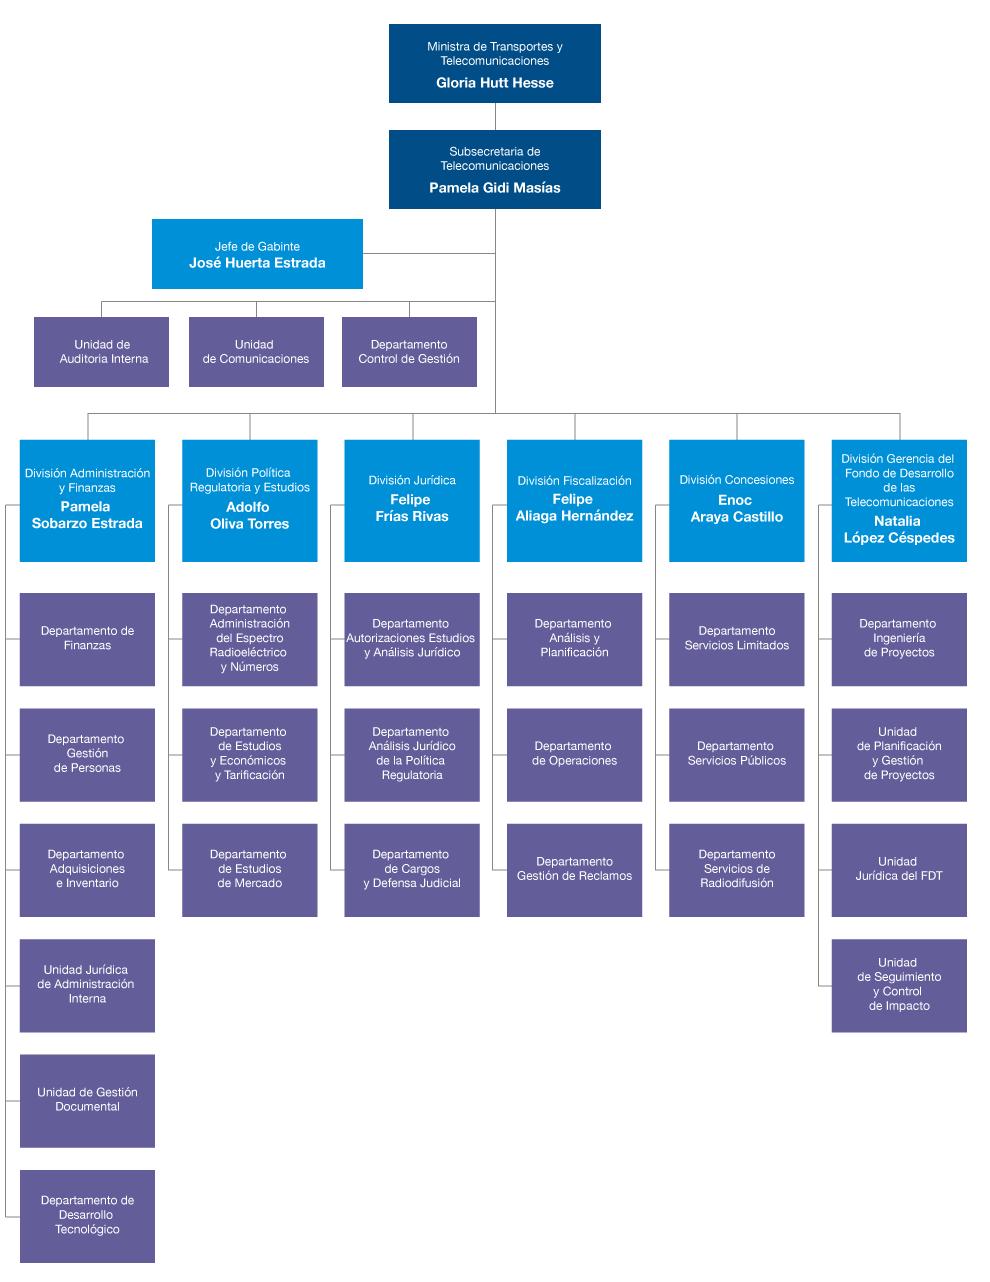 Organigrama Subsecretaría de Telecomunicaciones